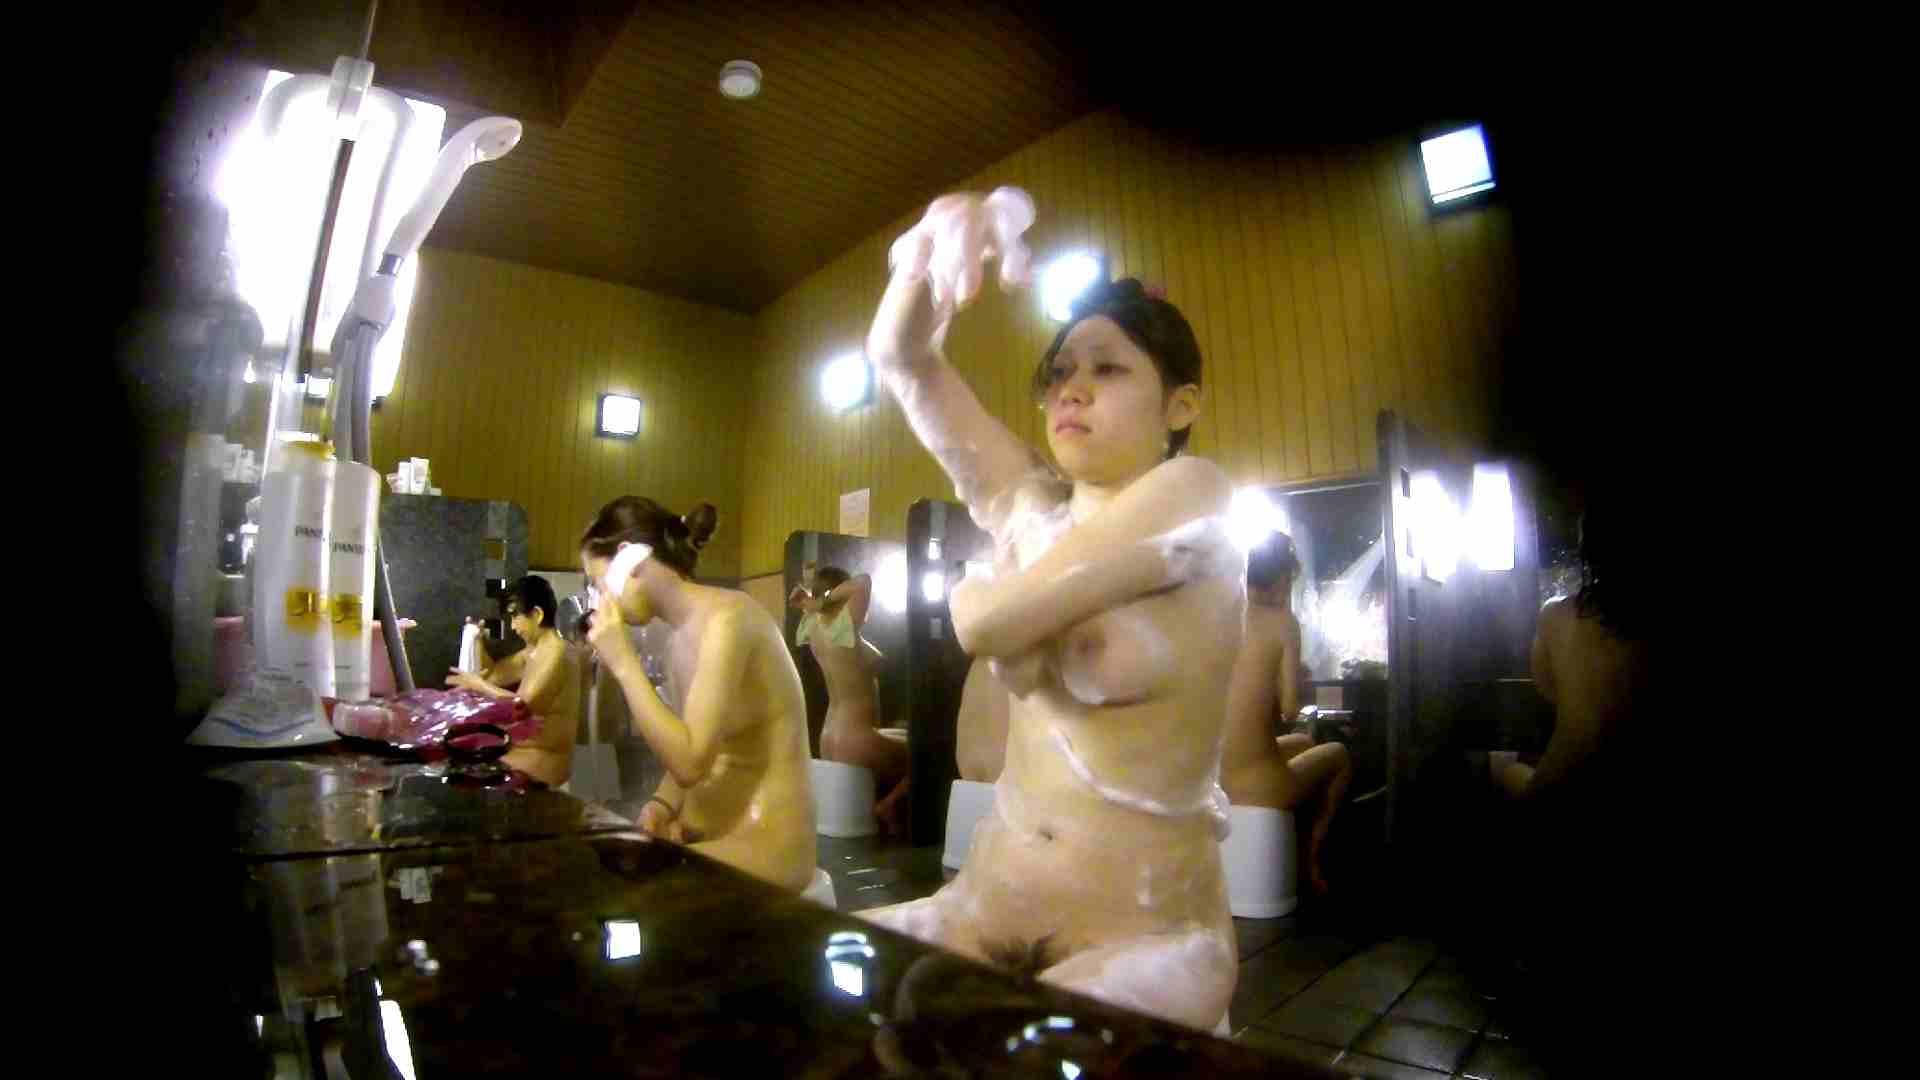 無修正エロ動画|洗い場!柔らかそうな身体は良いけど、歯磨きが下品です。|怪盗ジョーカー